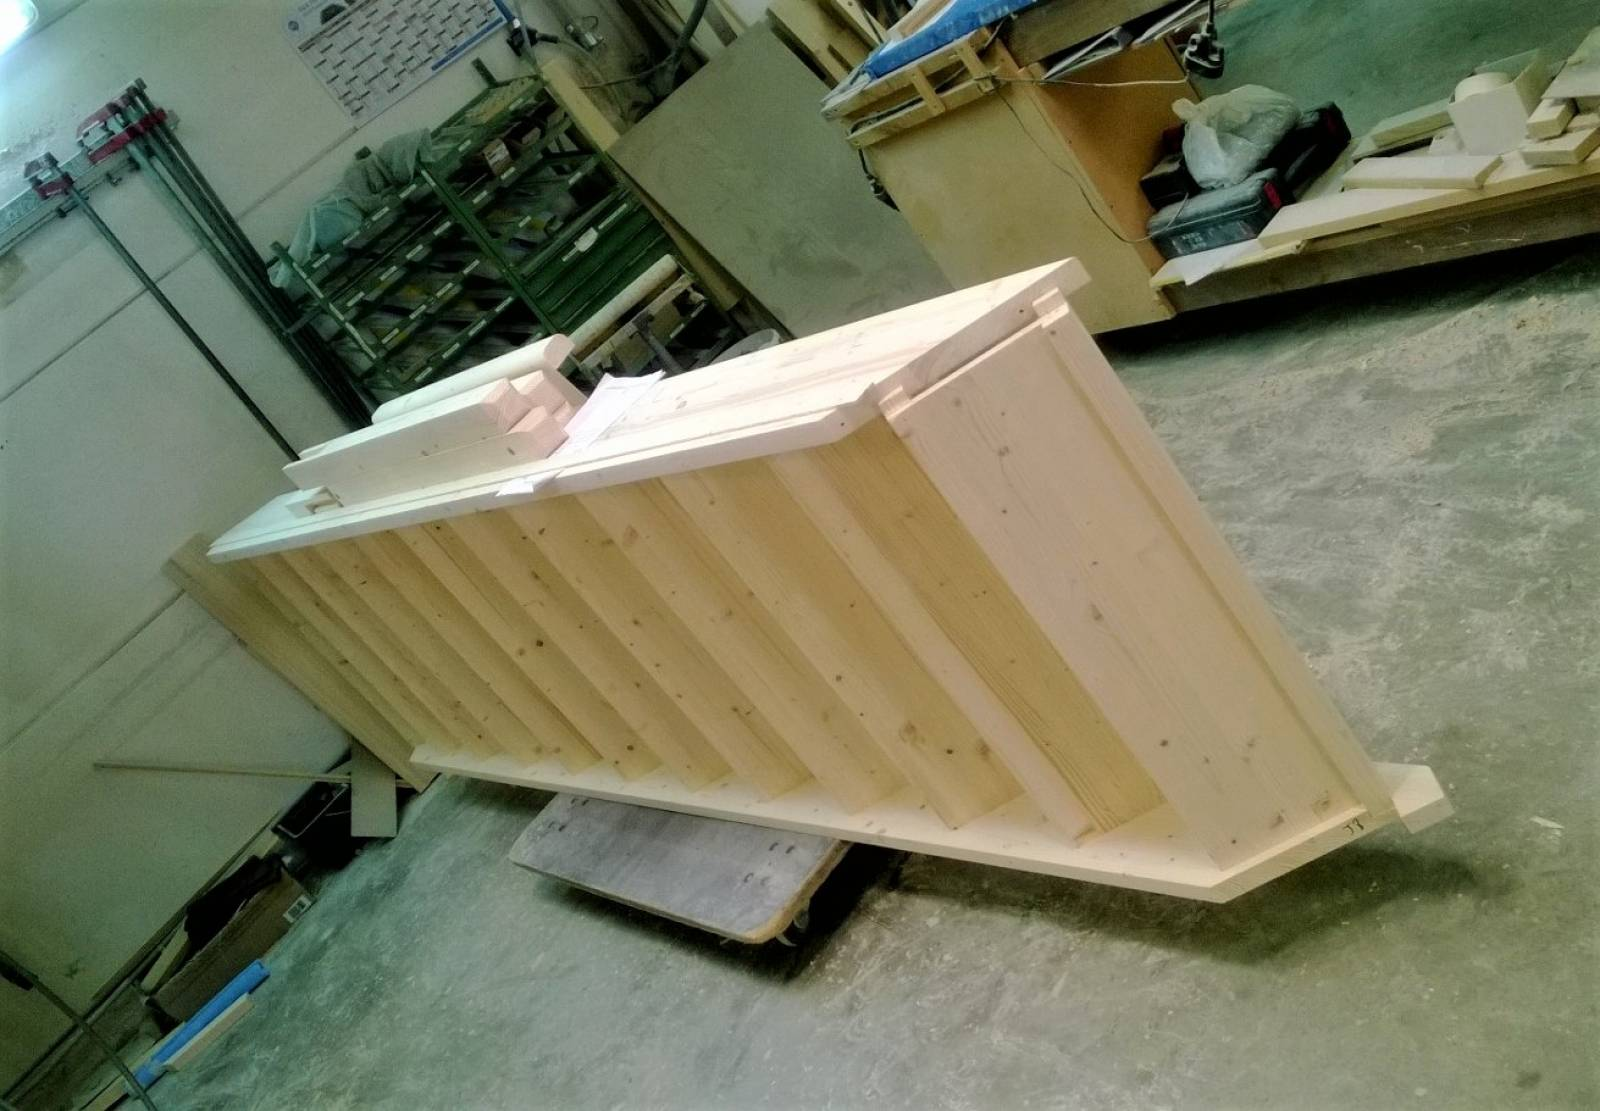 Fabricant D Escalier Bois notre savoir faire dans l'univers escalier bois - atelier